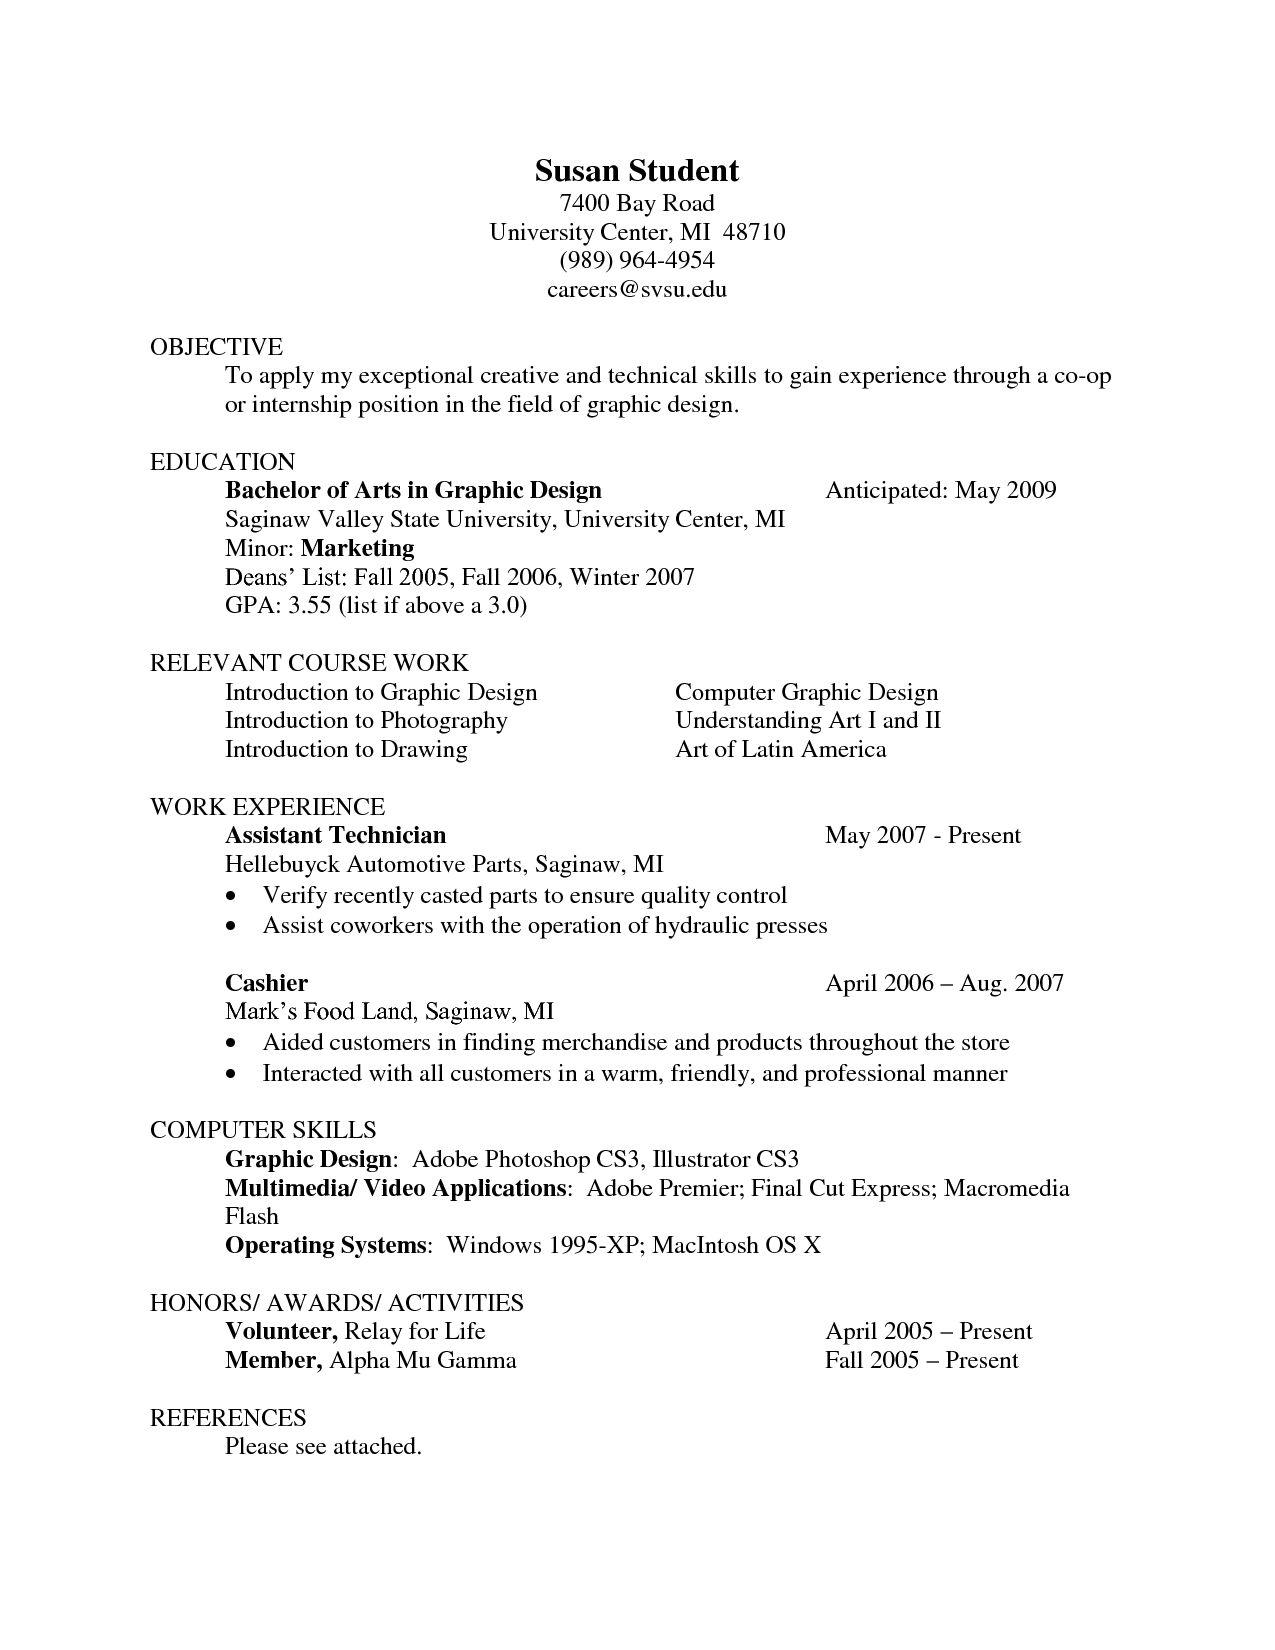 Resume Format References | Pinterest | Resume format